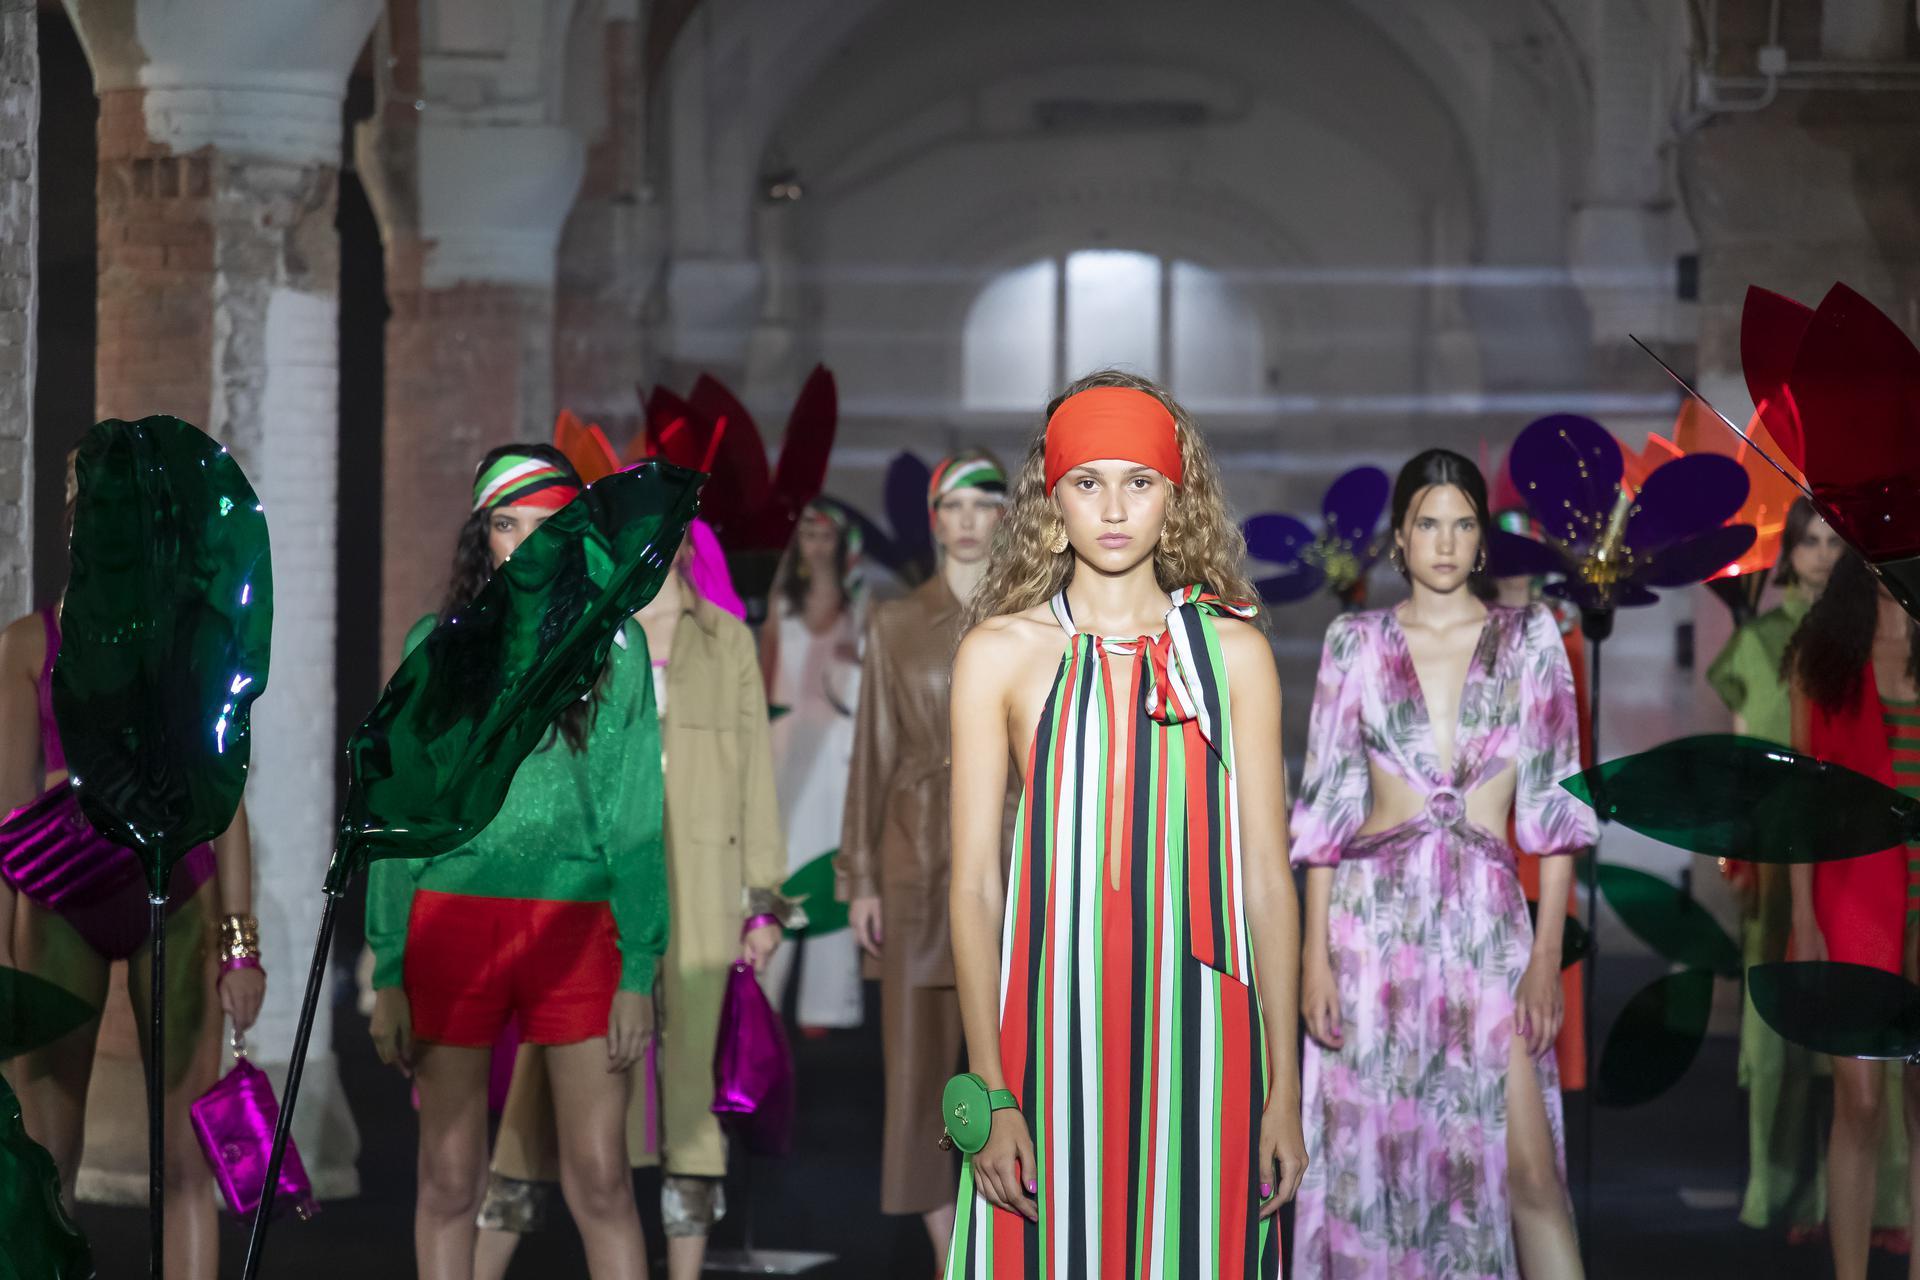 Maite%20by%20Lola%20Casademunt%20ambient 1239 - 080 Barcelona Fashion Digital Edition concluye con su cuarta sesión de los últimos Fashion Show Films